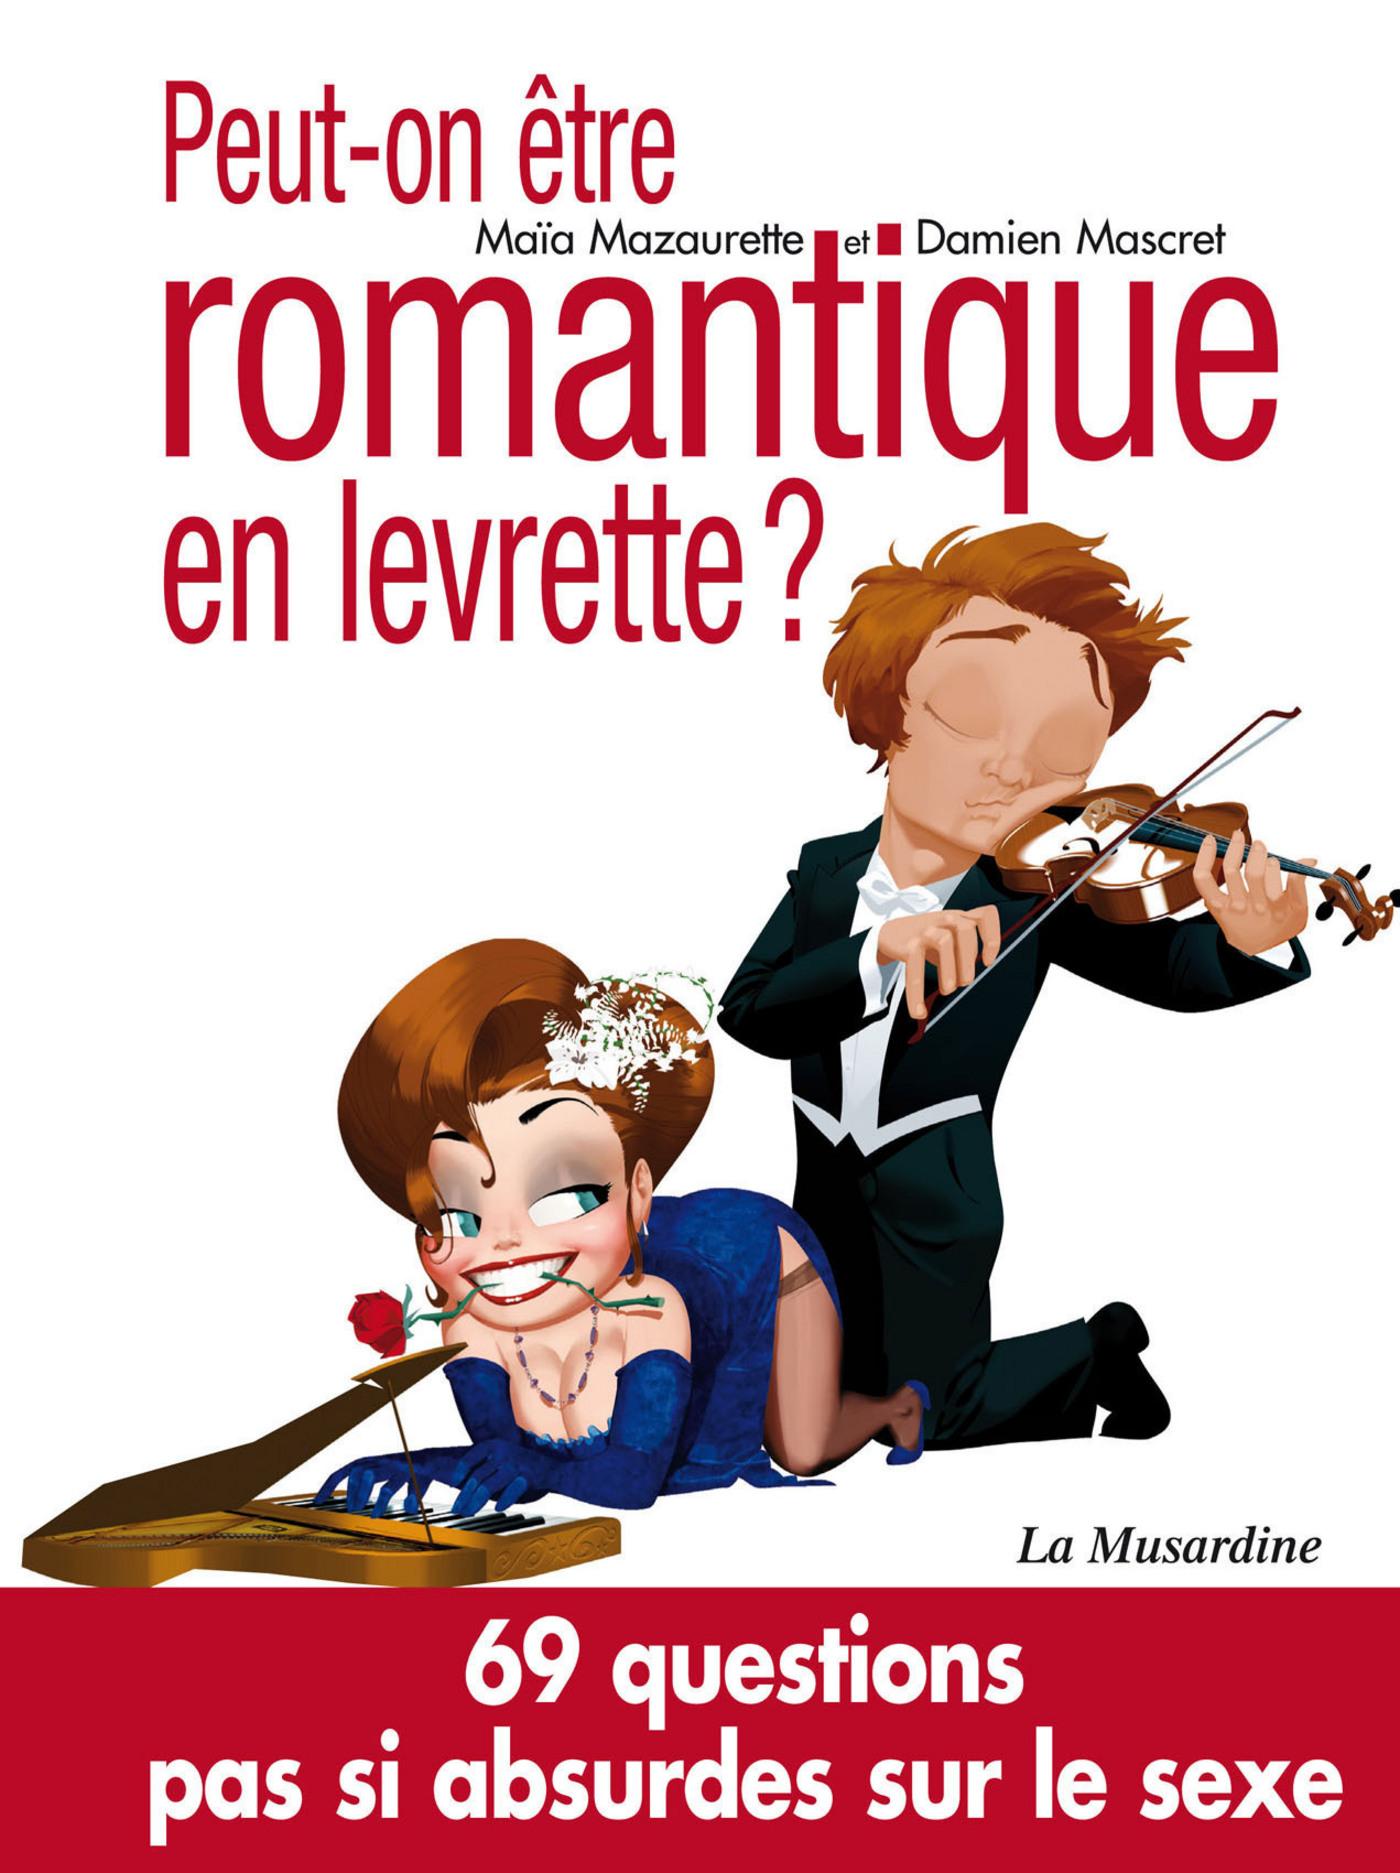 Peut-on être romantique en levrette? (ebook)